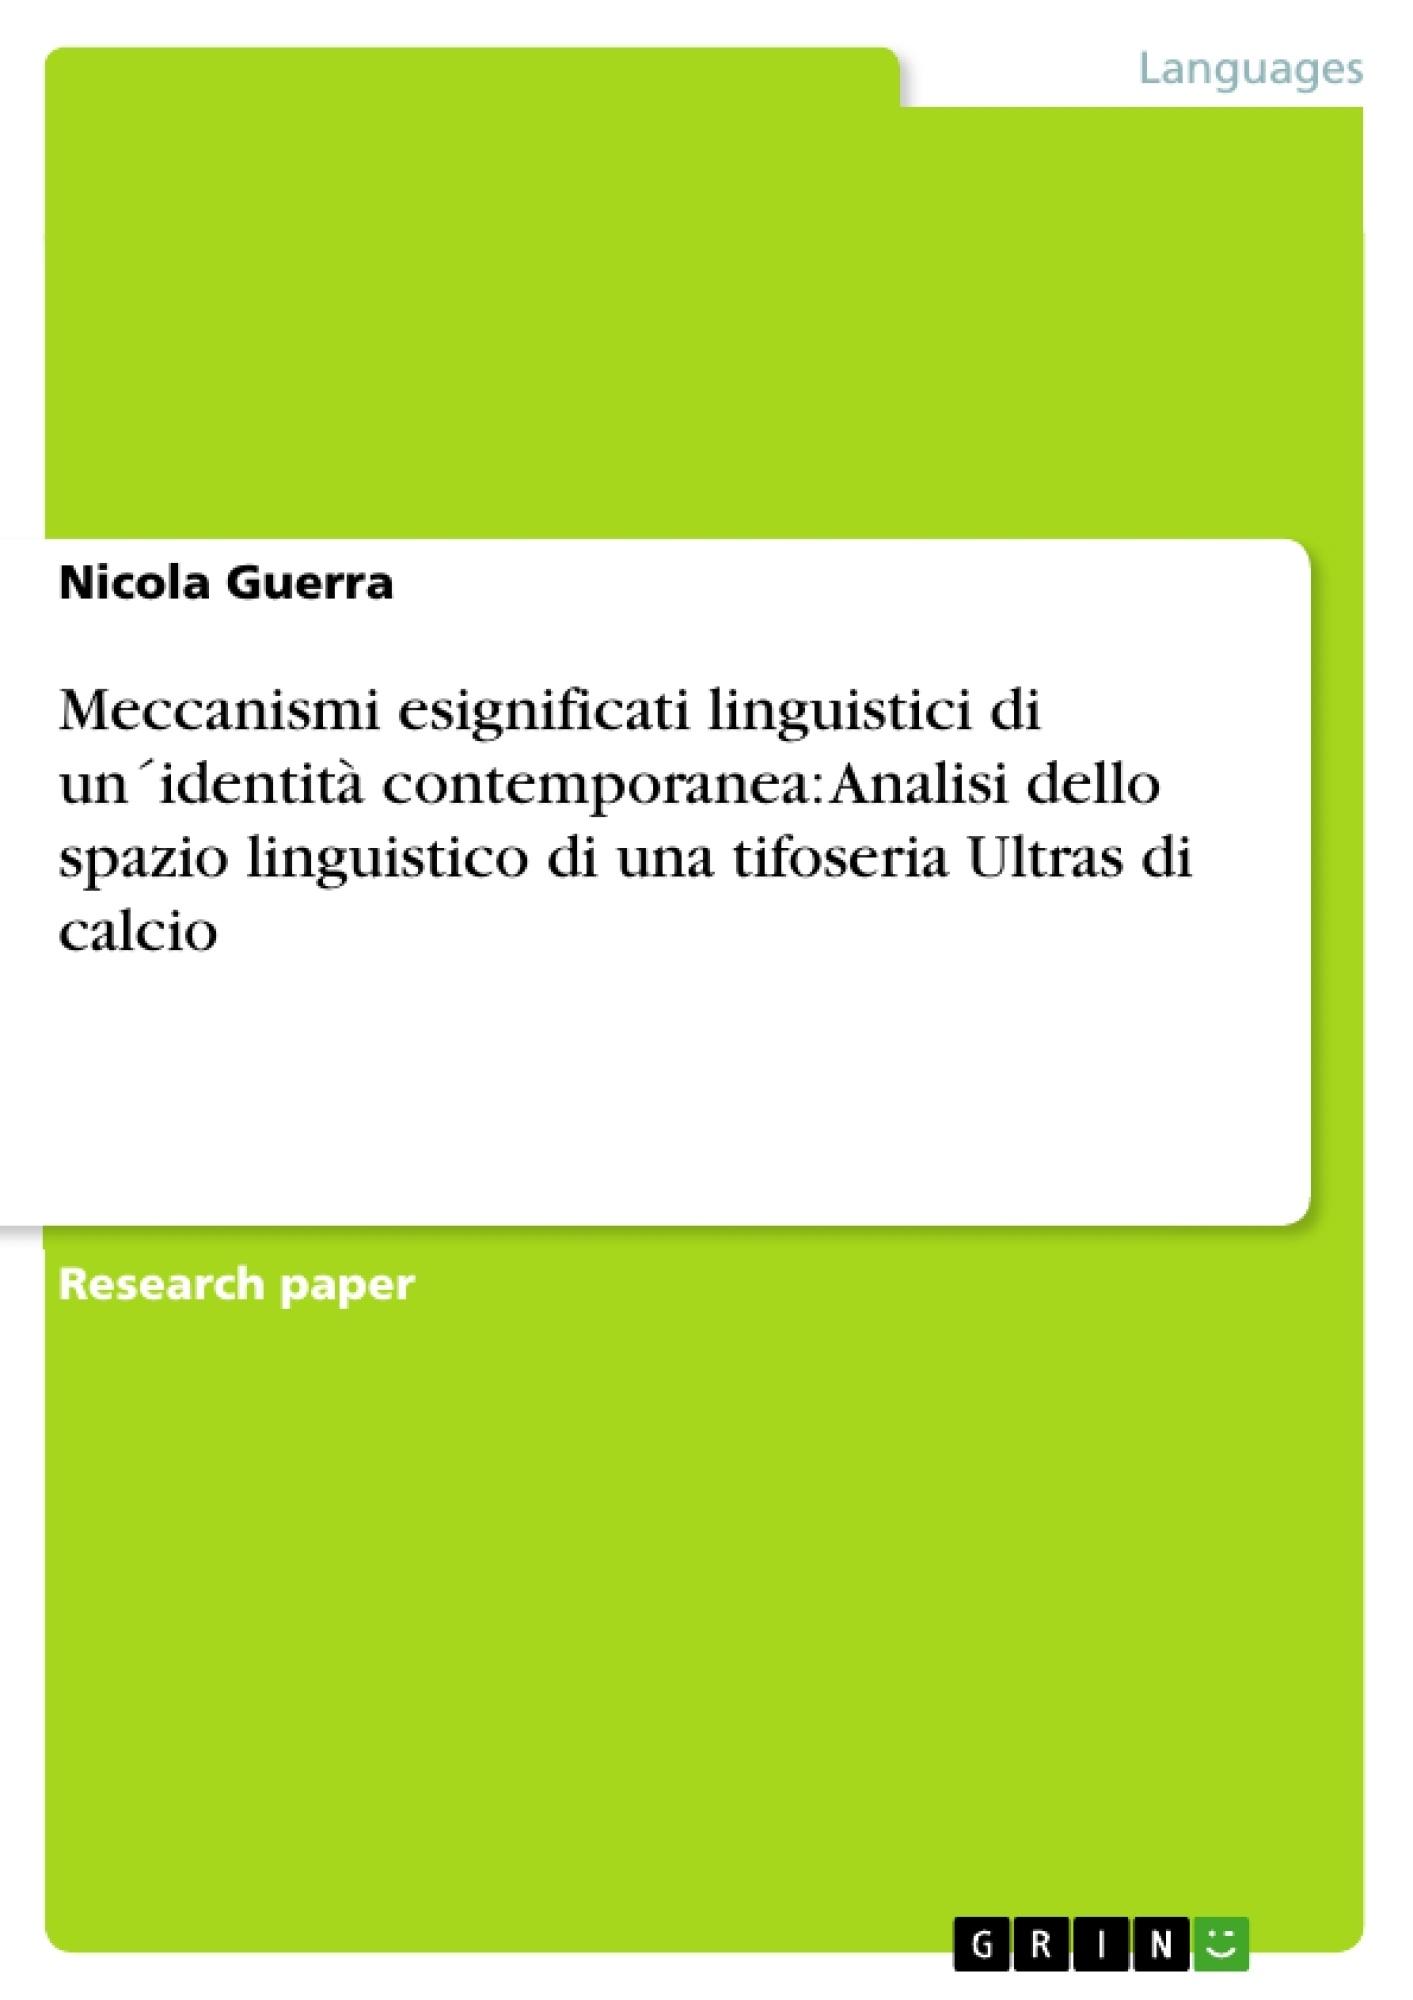 Title: Meccanismi esignificati linguistici di un´identità contemporanea: Analisi dello spazio linguistico di una tifoseria Ultras di calcio